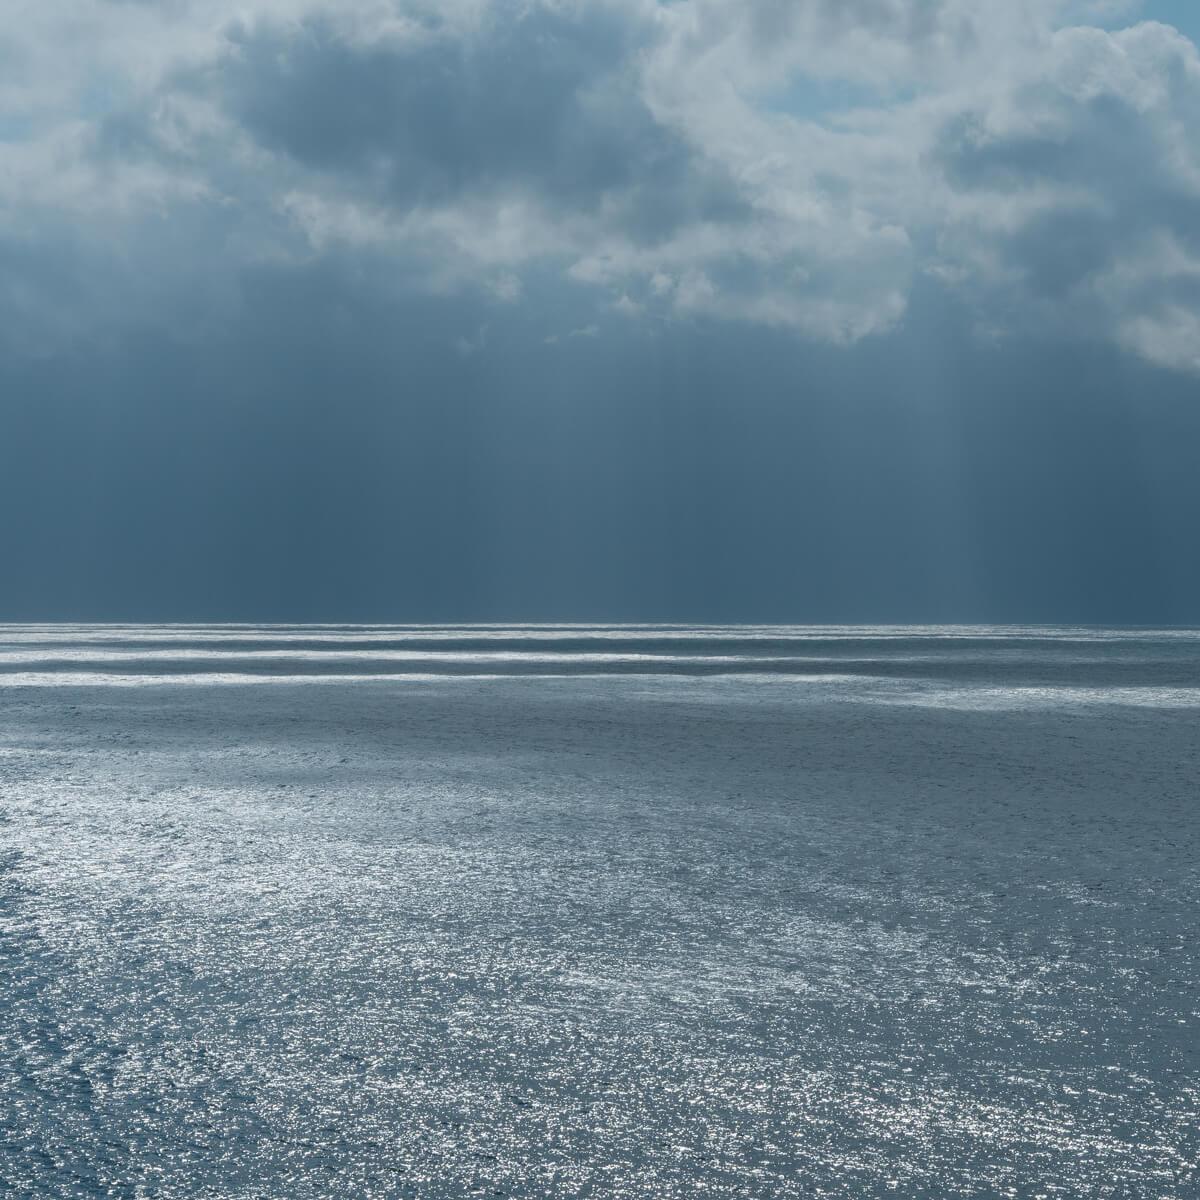 屋久島の海、空、光 屋久島海とジュエリー オーダーメイドマリッジリングのインスピレーション